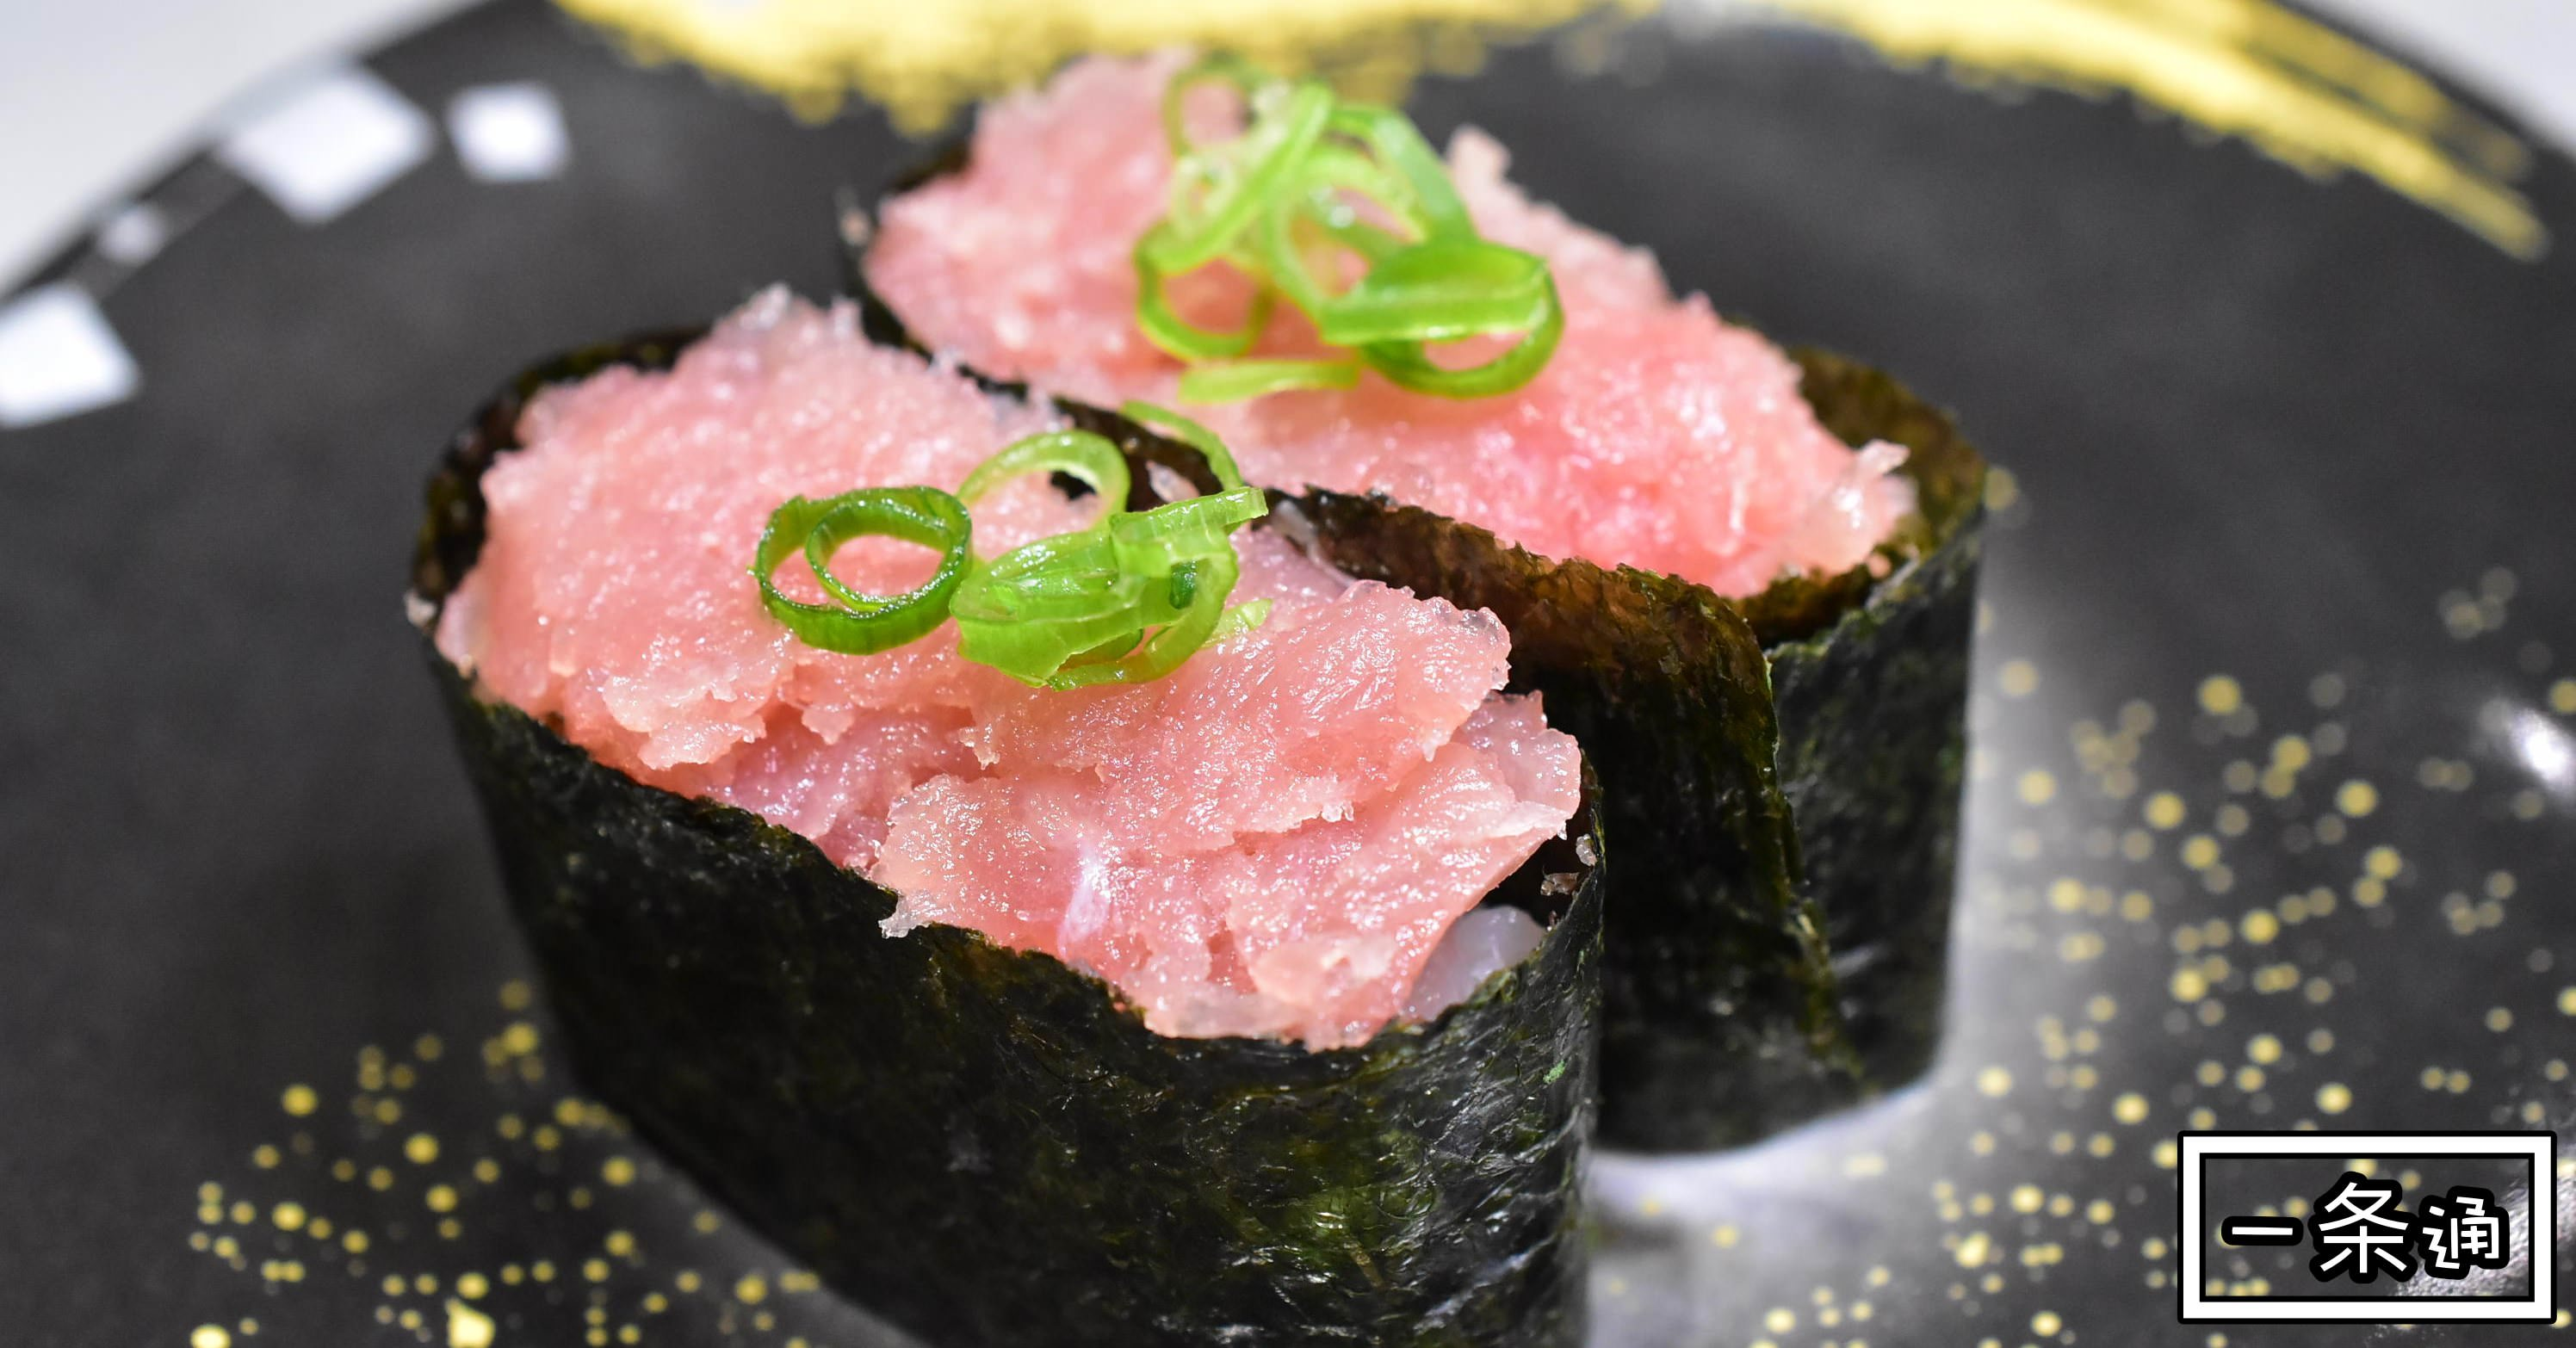 一条通 捷運士林美食推薦-新幹線送餐!握壽司 生魚片 炸物 (菜單價錢)